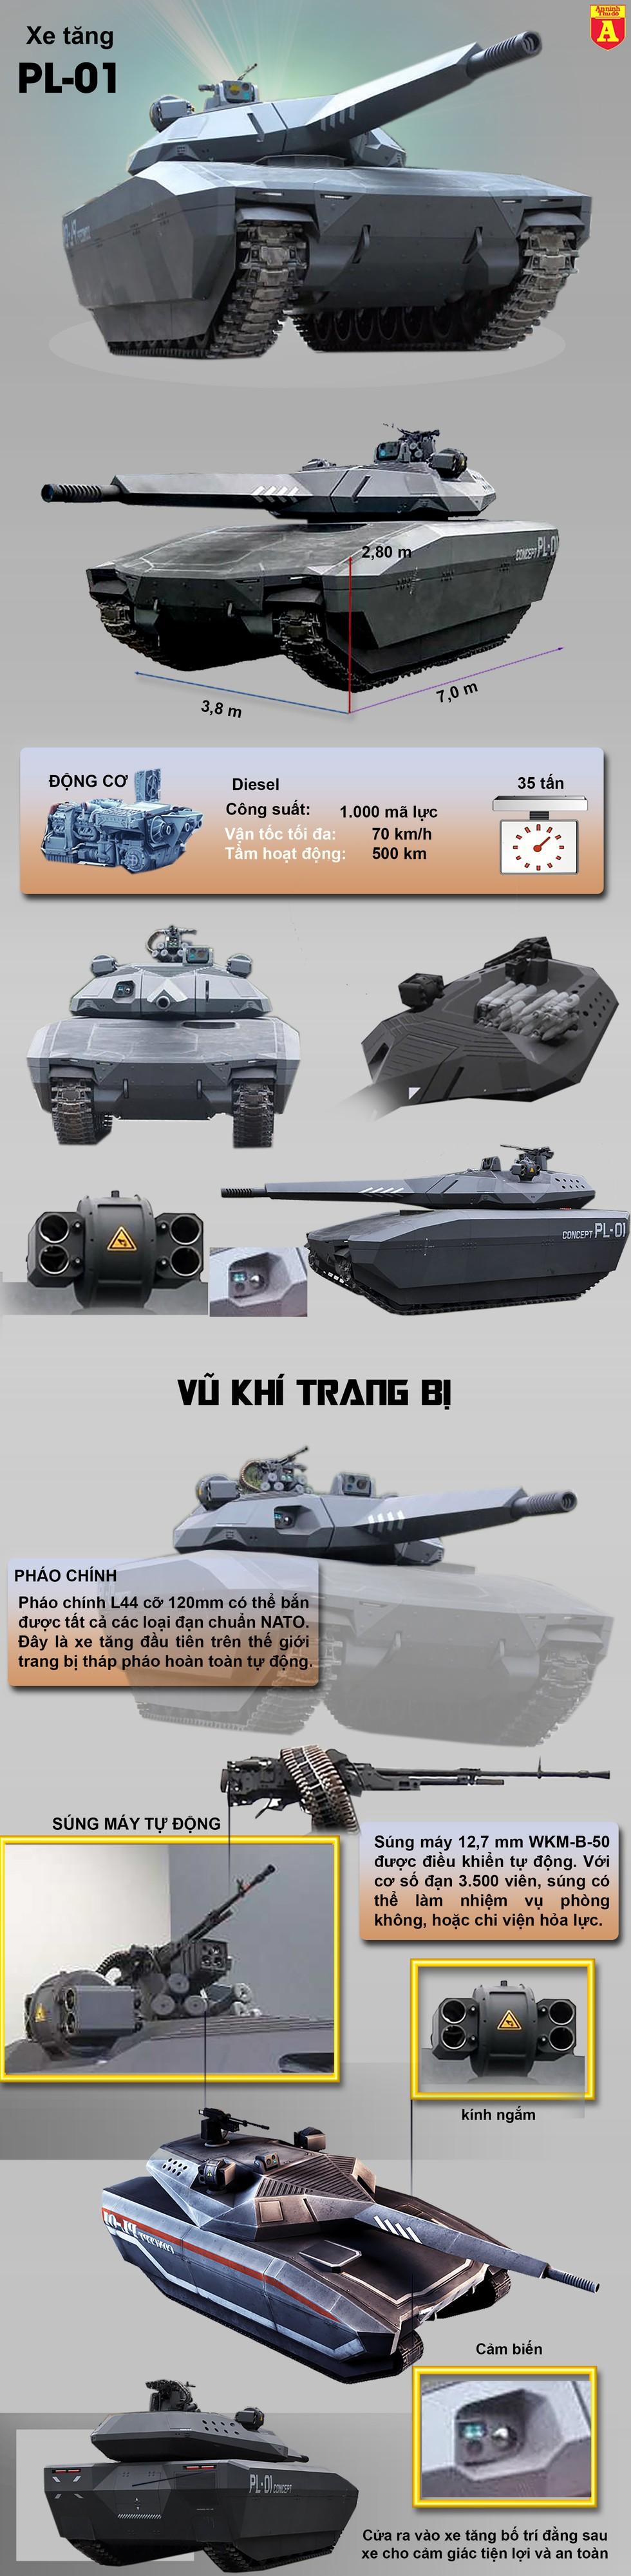 [Infographics] Bất ngờ với quốc gia chế tạo xe tăng tàng hình đầu tiên - Ảnh 1